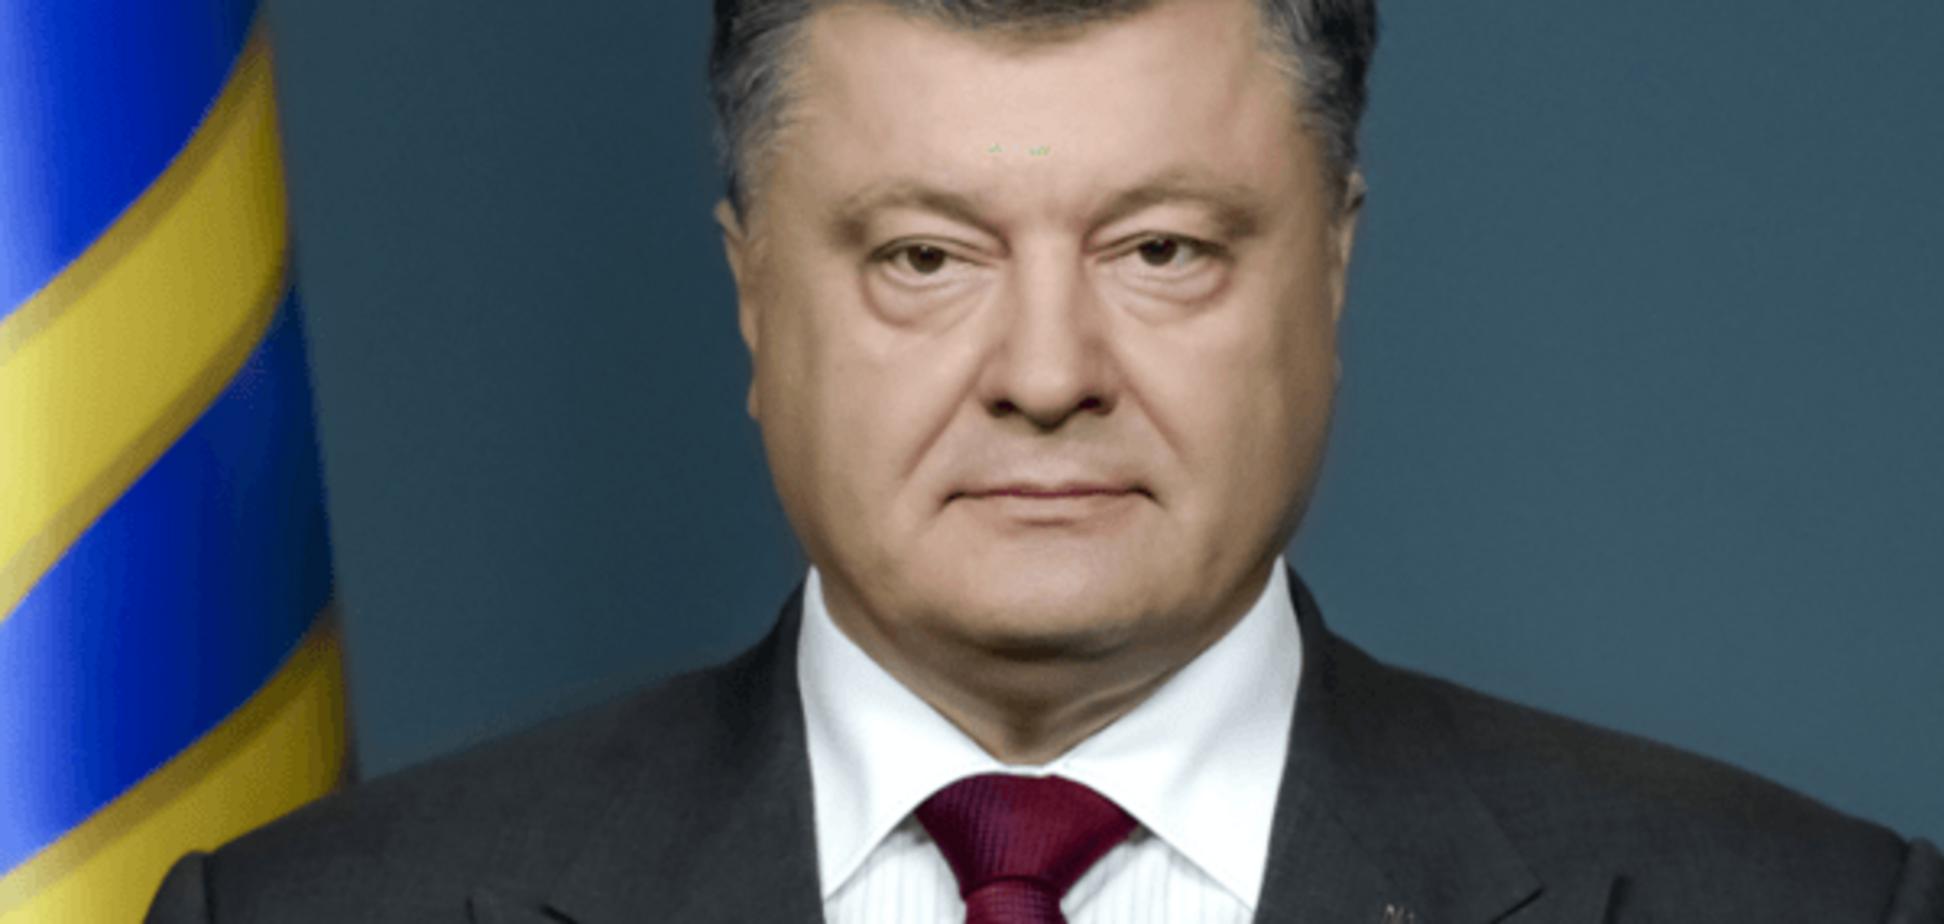 Порошенко розповів, як позбутися 'метастазів совка' в українському суспільстві